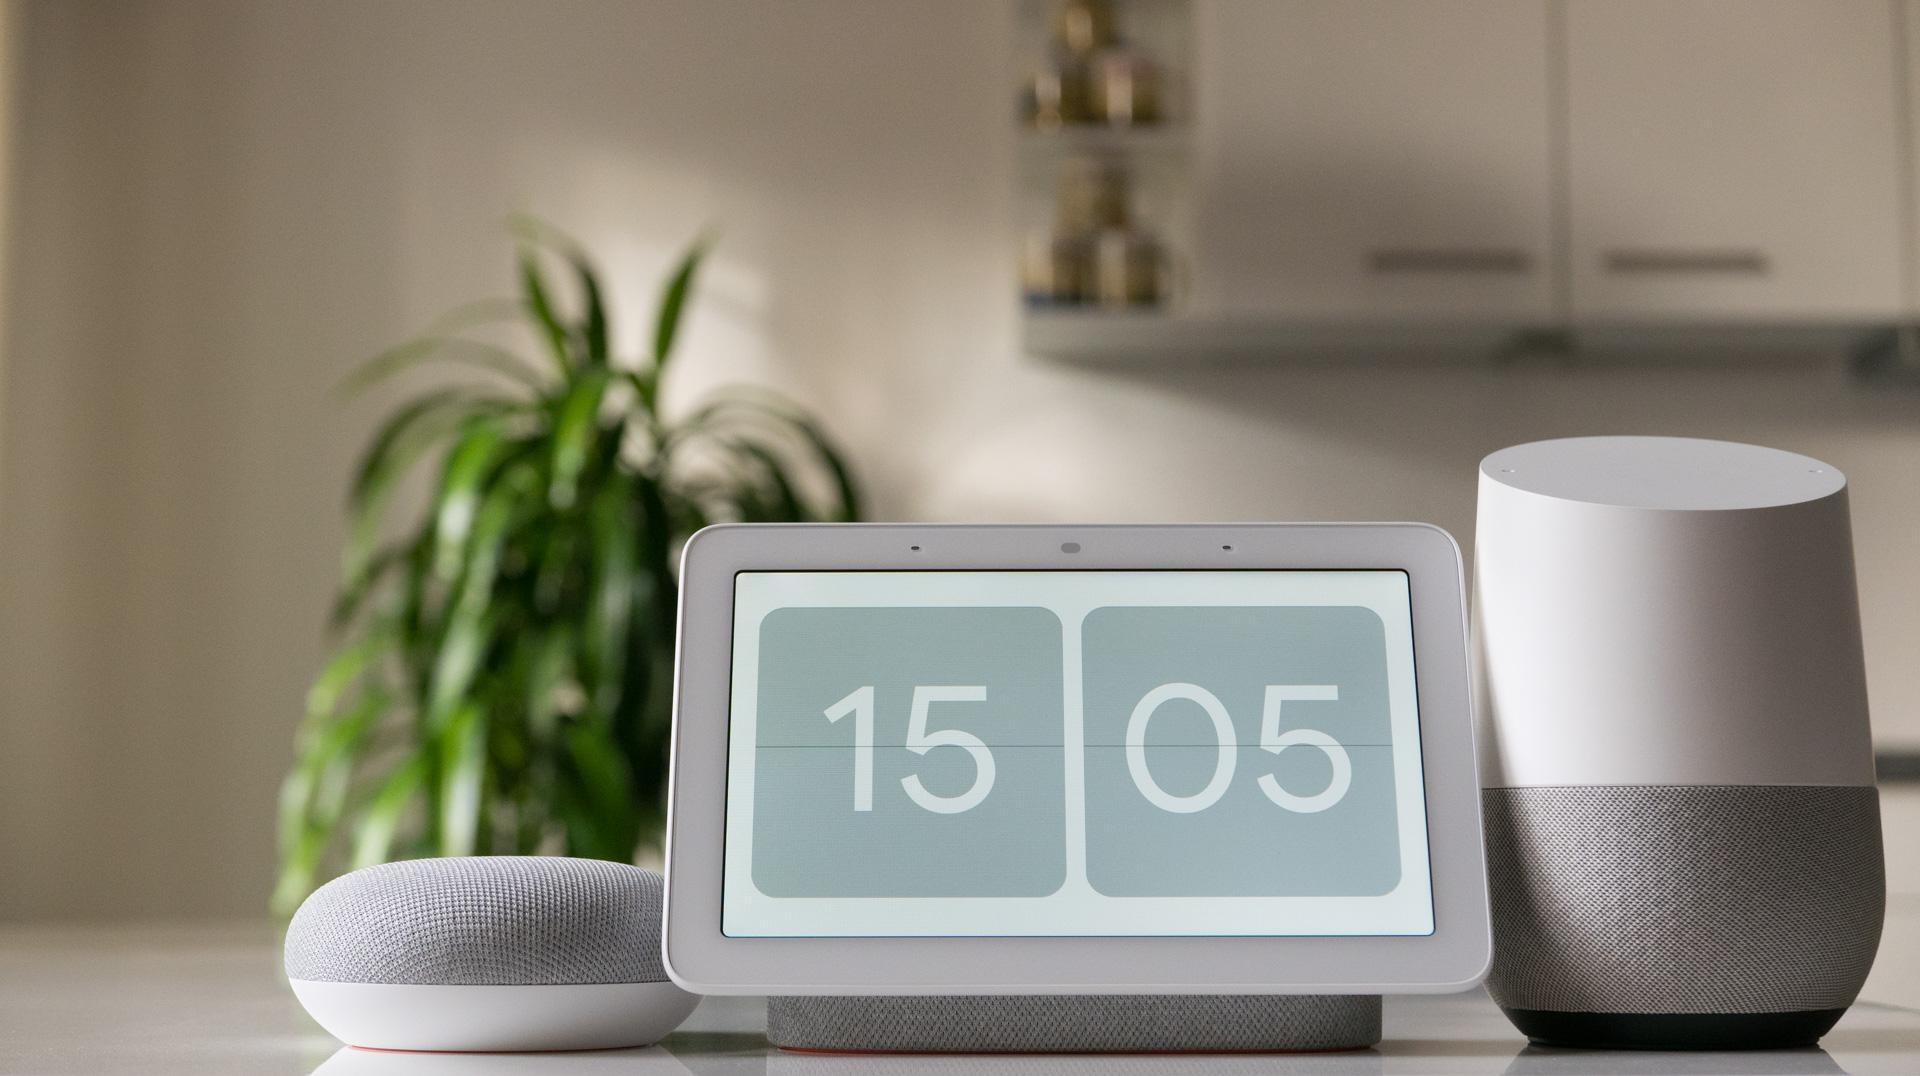 Google Home Lautsprecher: Stromverbrauch & Stromkosten aller Geräte